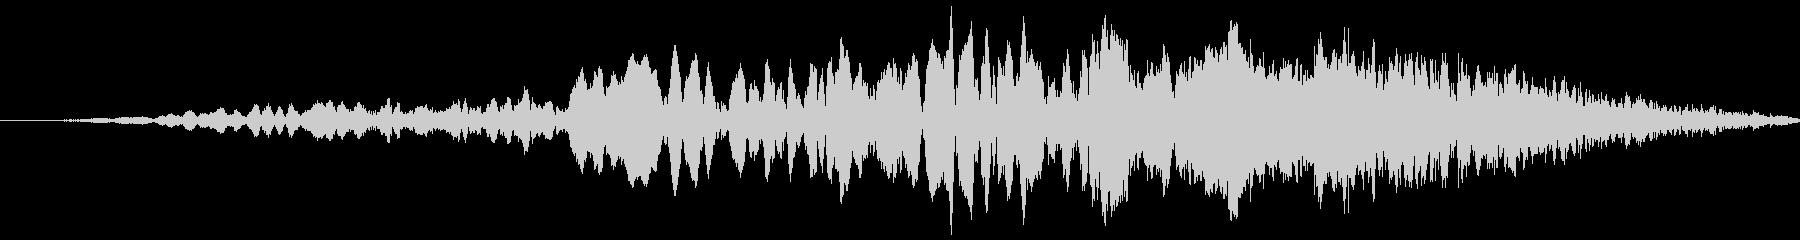 車 レース ブレーキ/タイヤスキール音7の未再生の波形